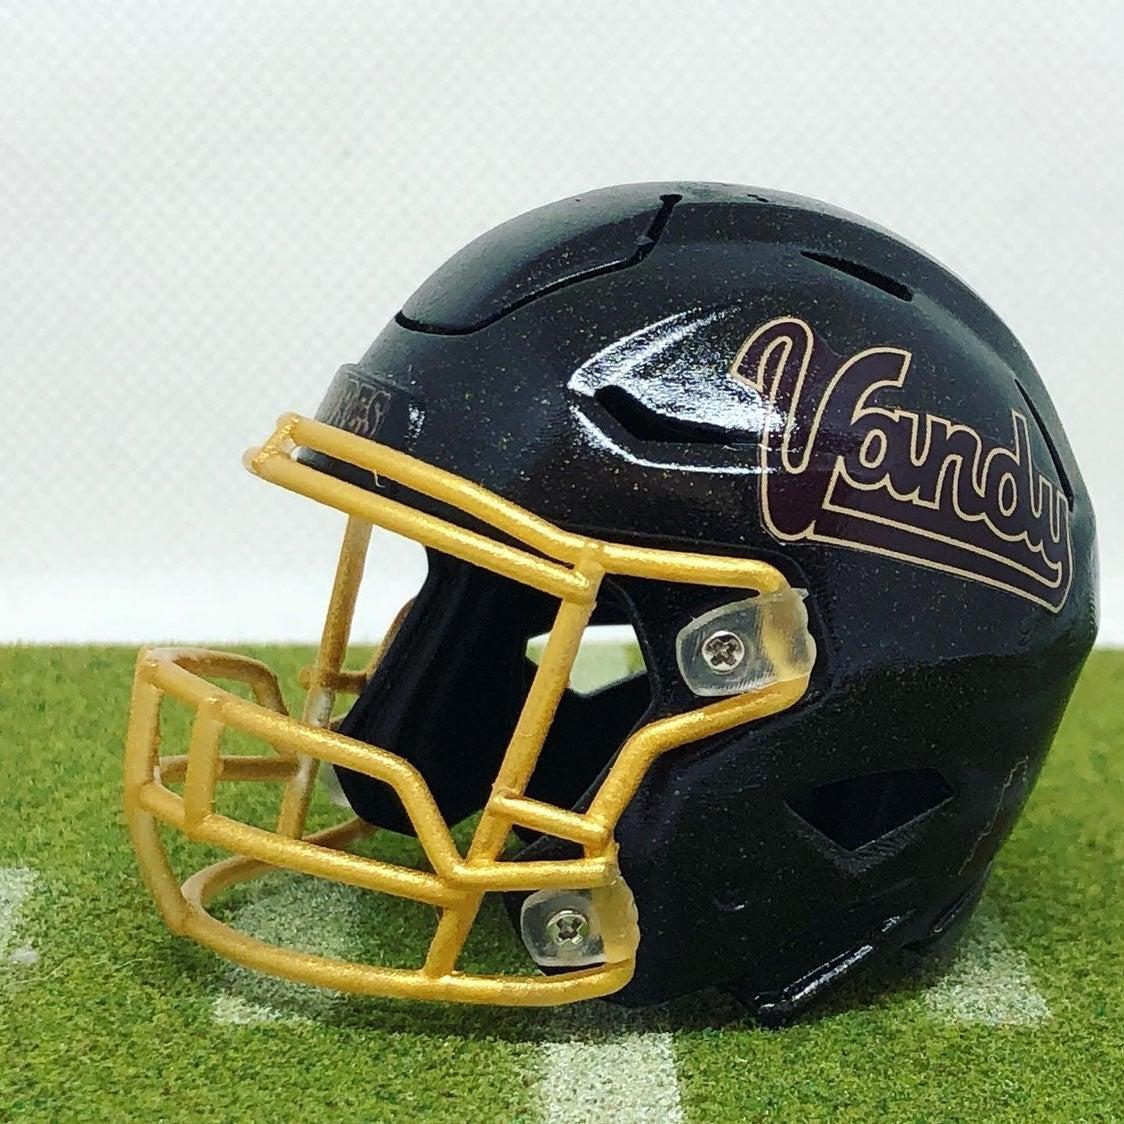 Pocket Pro football helmet